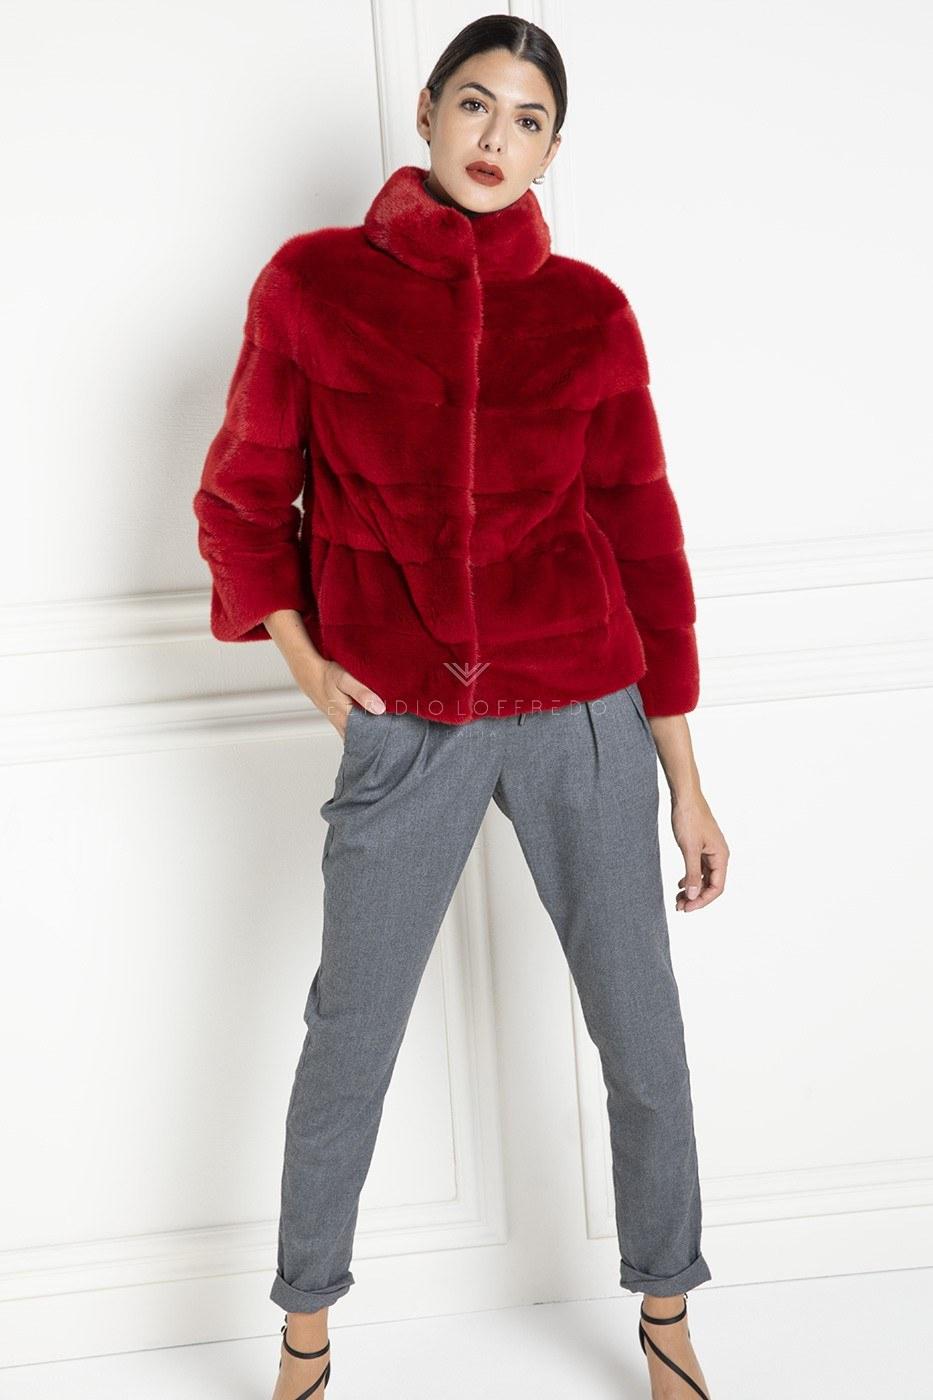 Giacca di Visone Rosso con Collo Rotondo - Length 65 cm